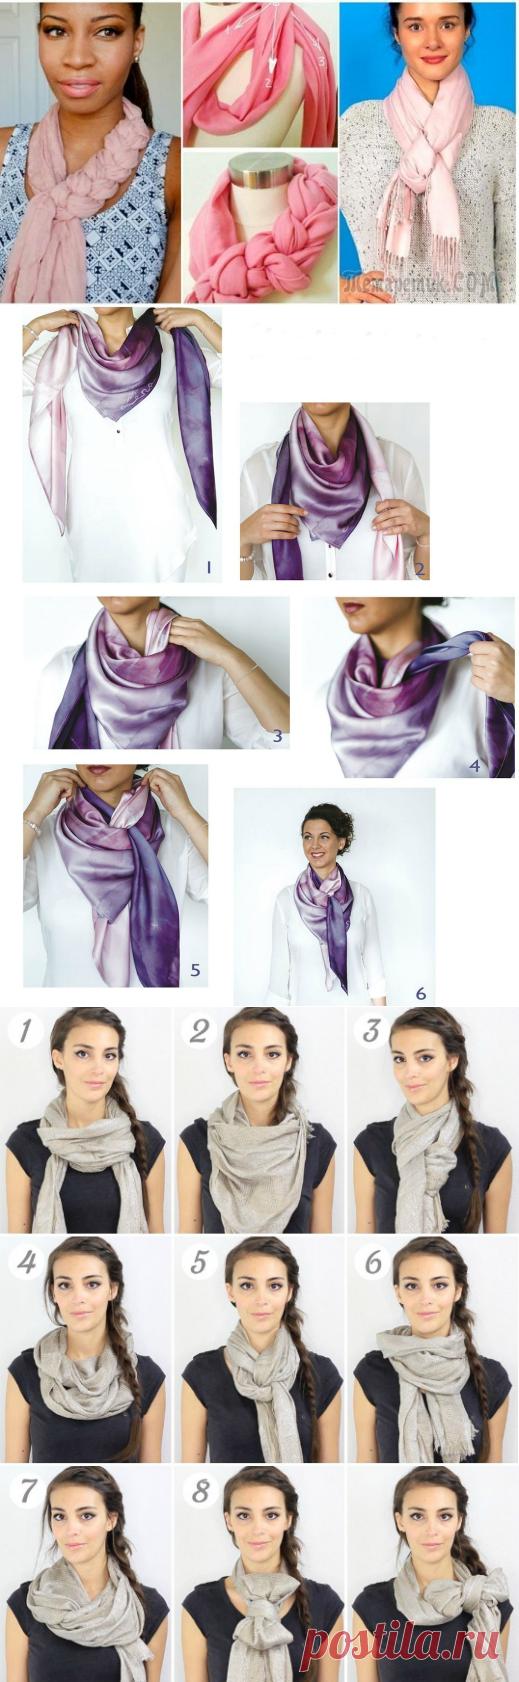 Обвязка шарфа крючком фото схемы и описание уже